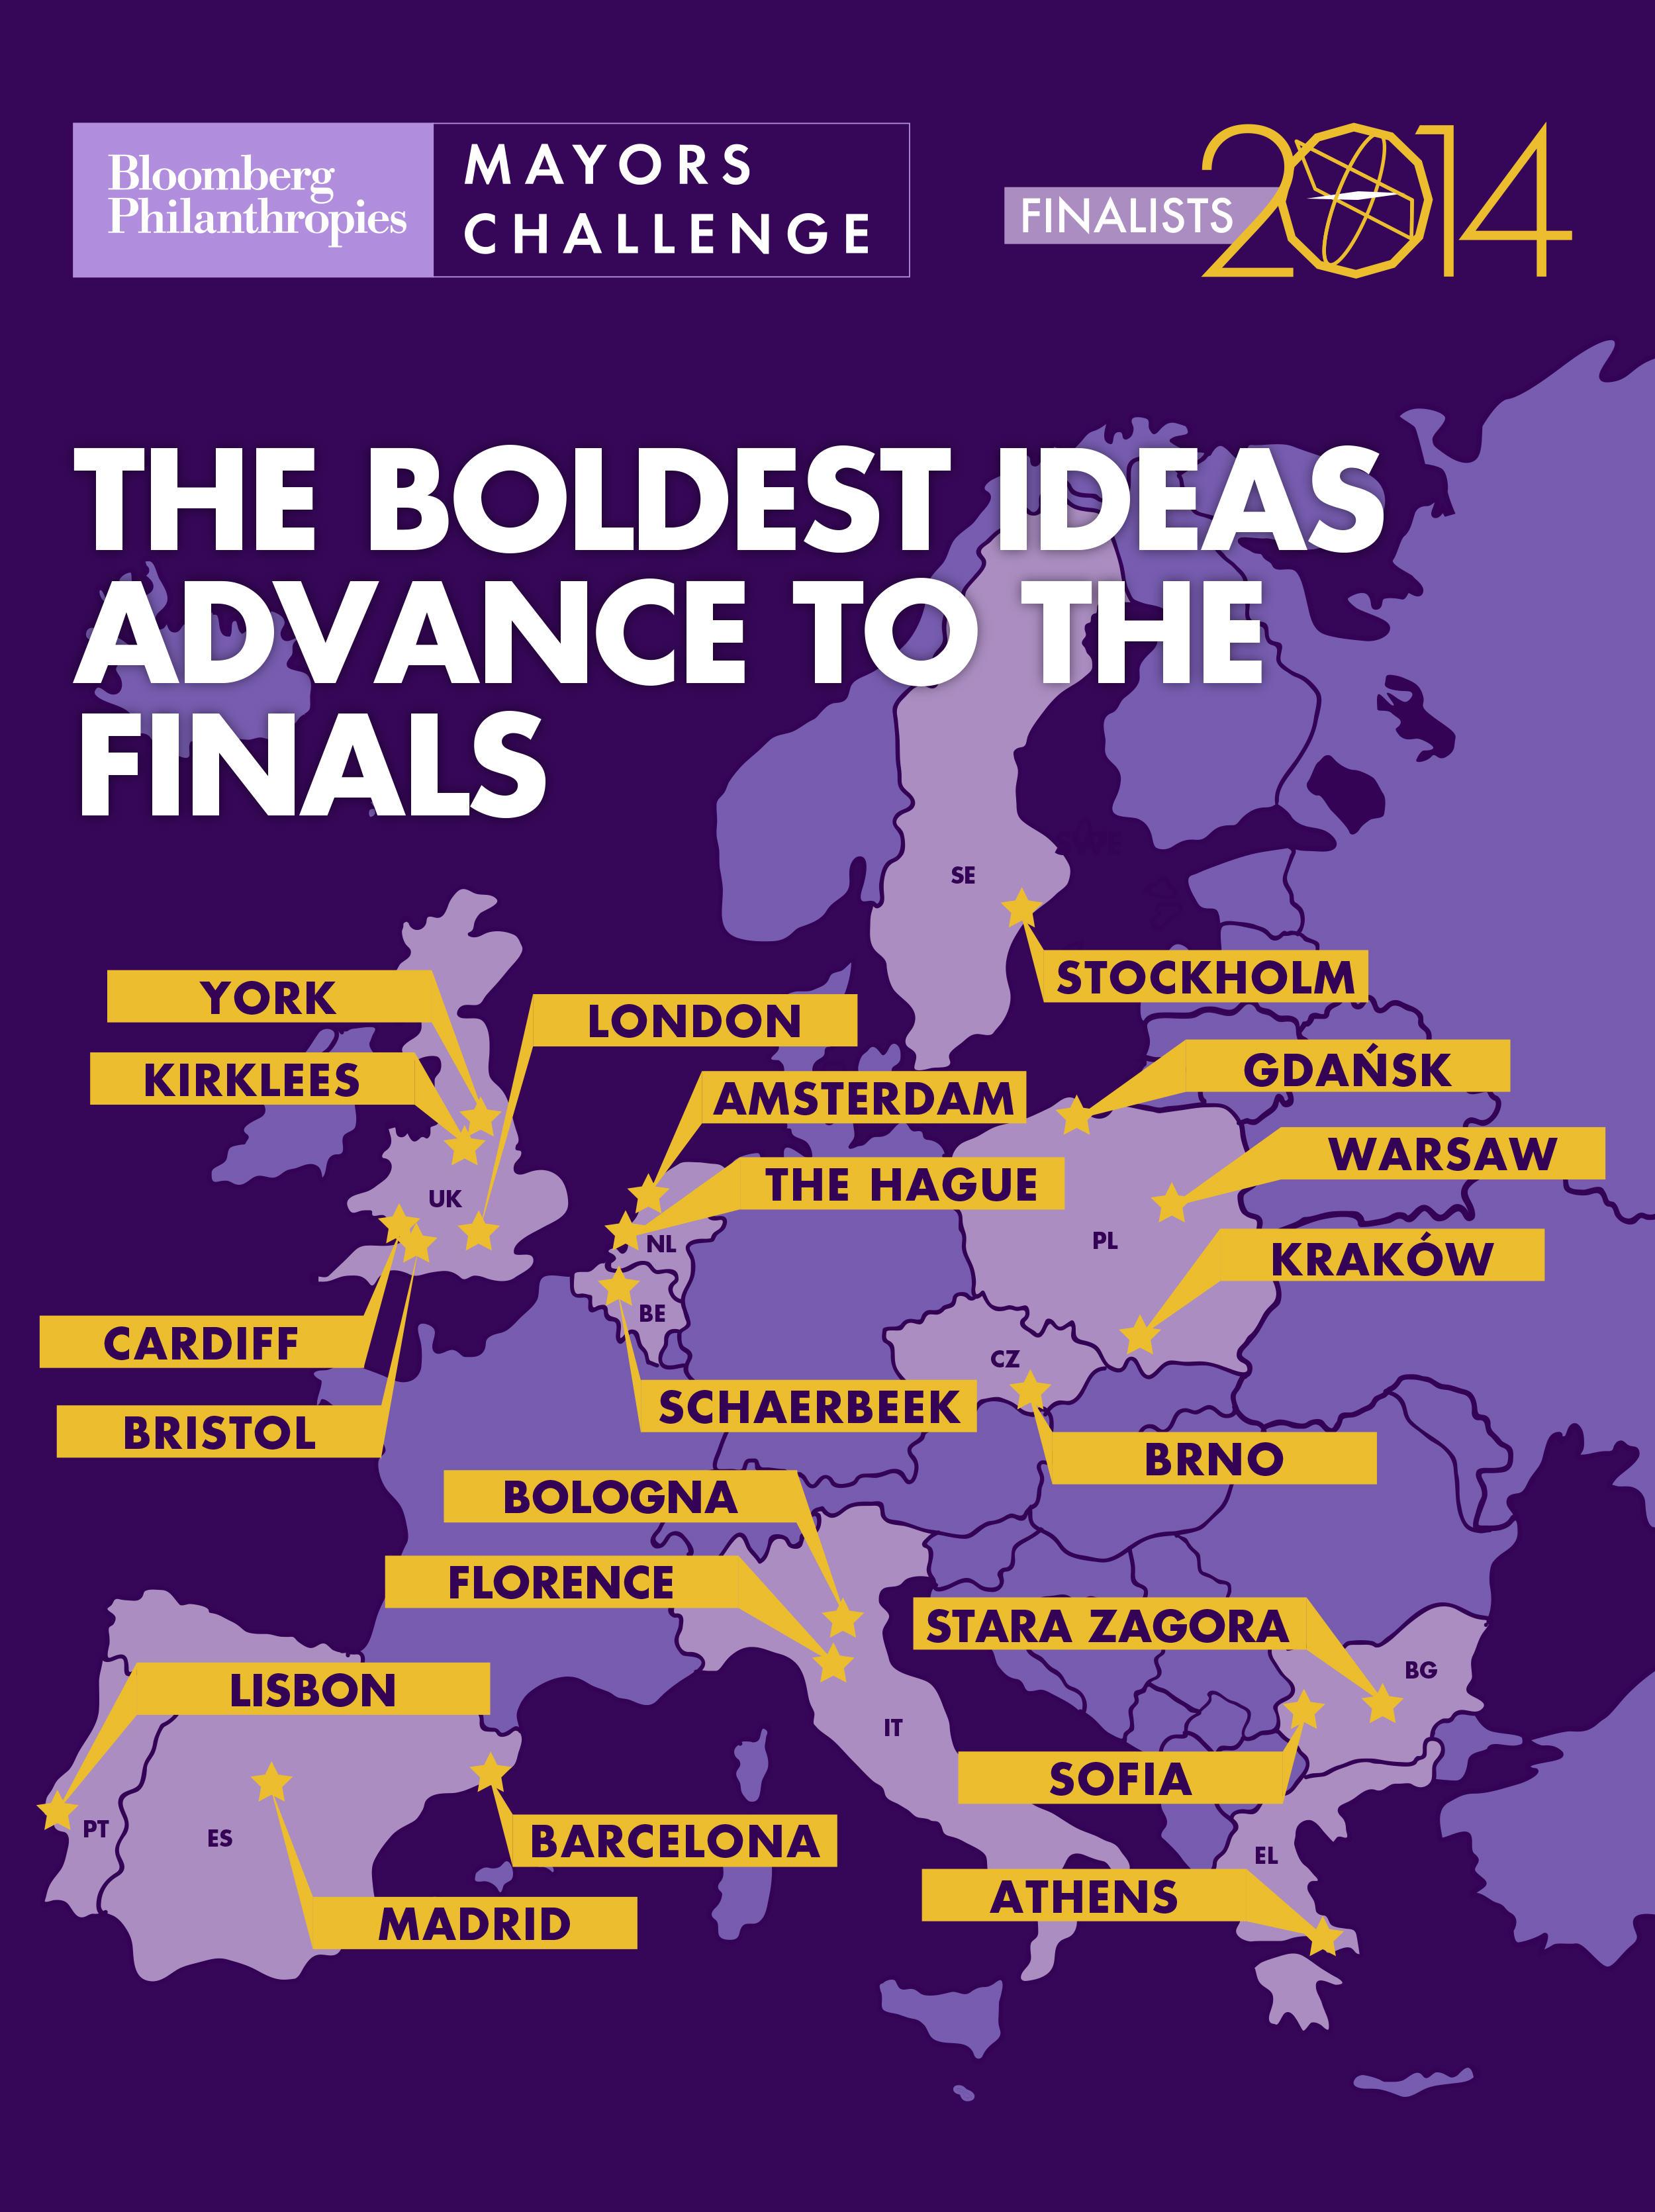 http://mayorschallenge.bloomberg.org/images/main/MayorsChallenge_Finalists.jpg